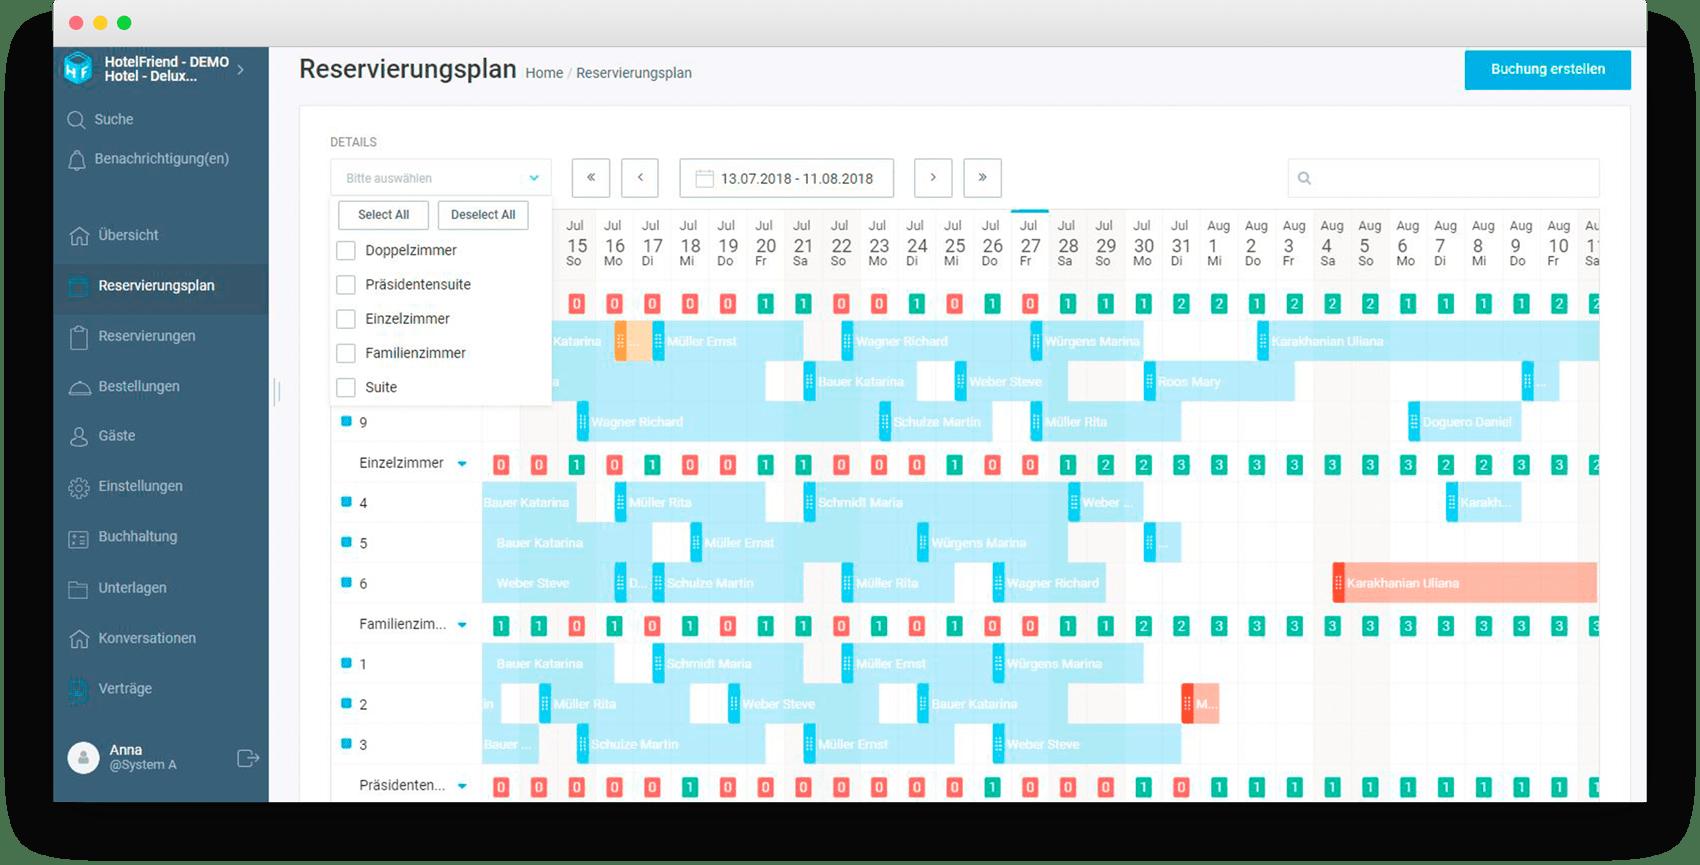 Der Filter für mehrere Zimmerkategorien ist nachgearbeitet worden